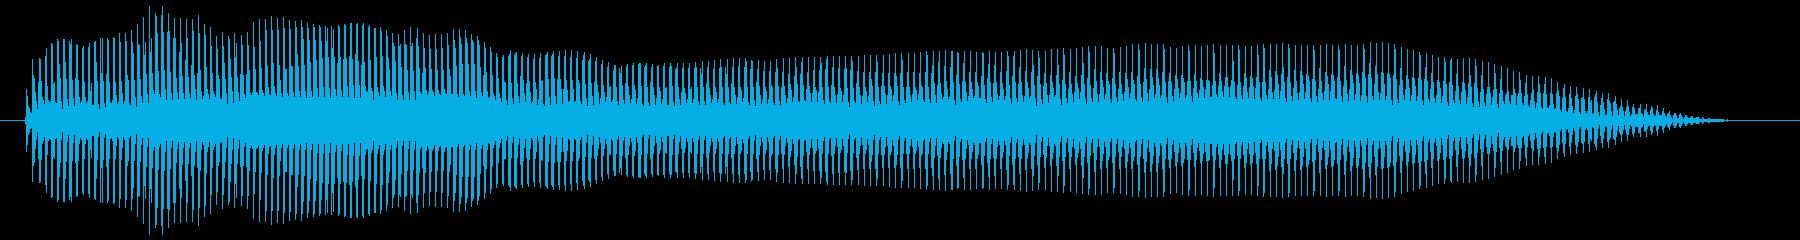 牛の鳴き声 甲高く(チープ) モーゥの再生済みの波形